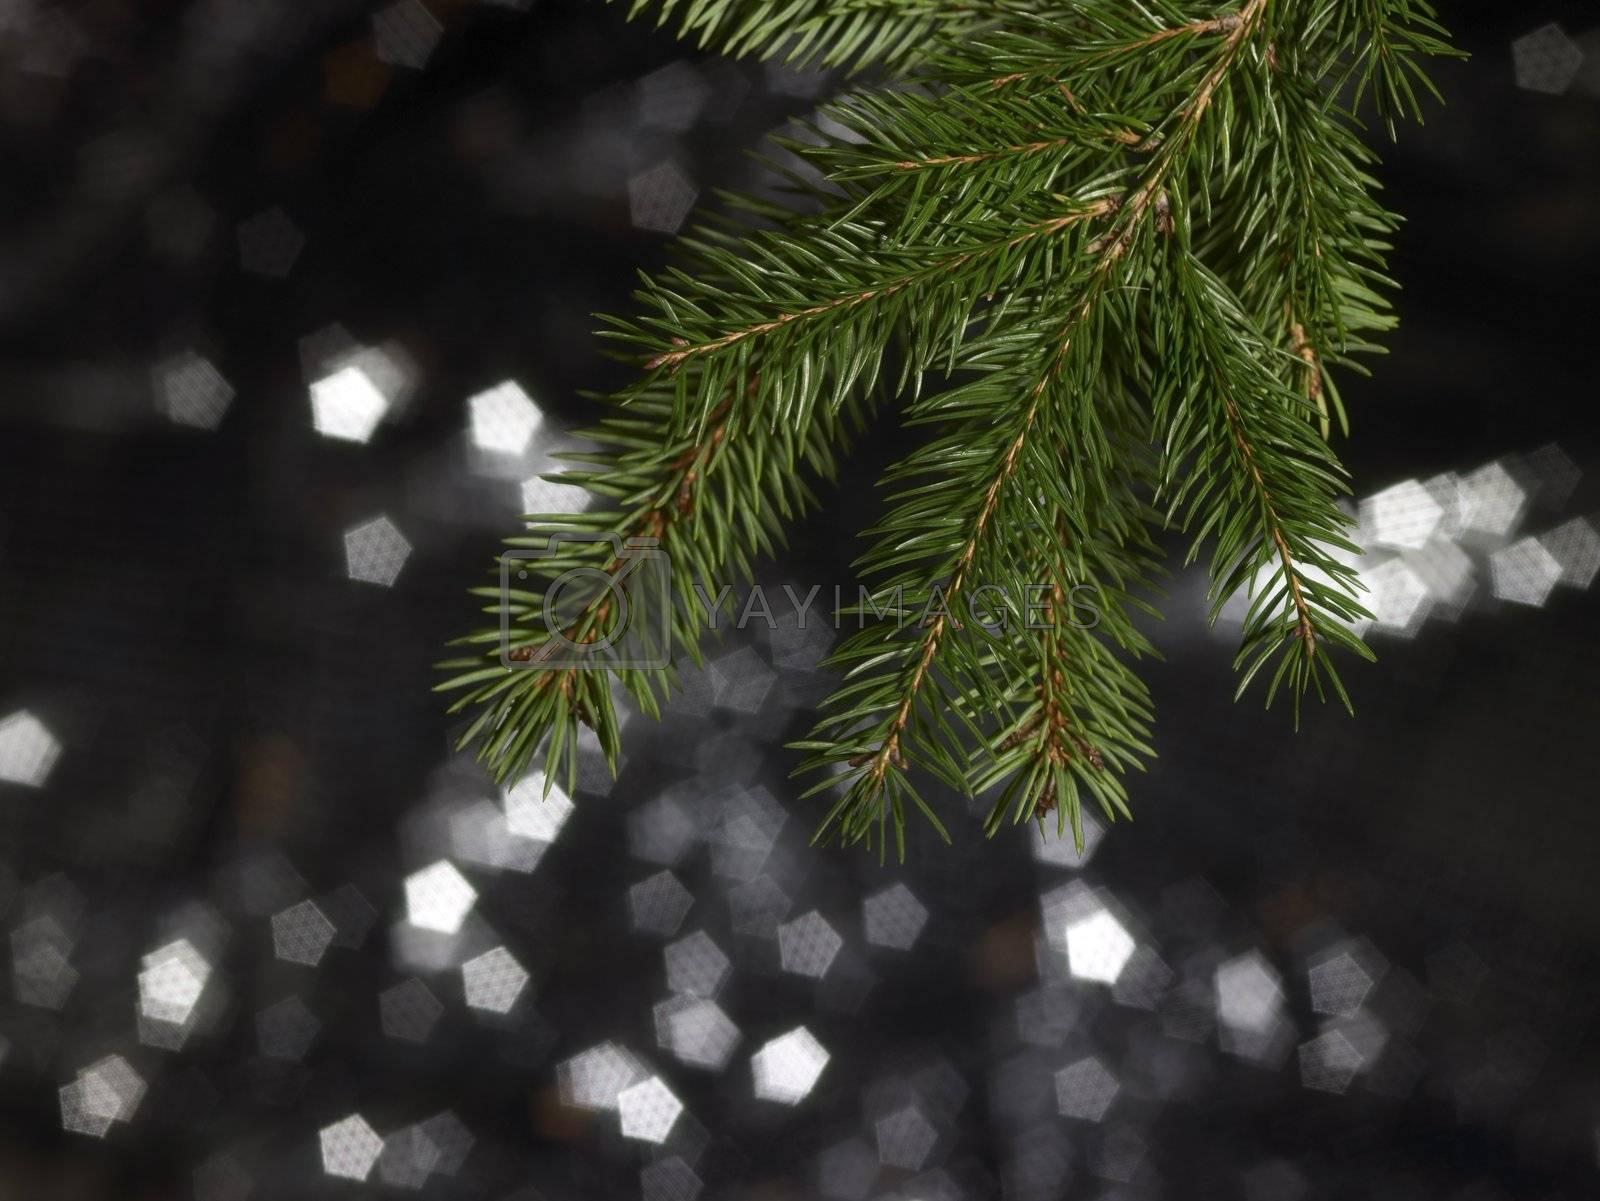 detail of a green fir branch in dark blurry back